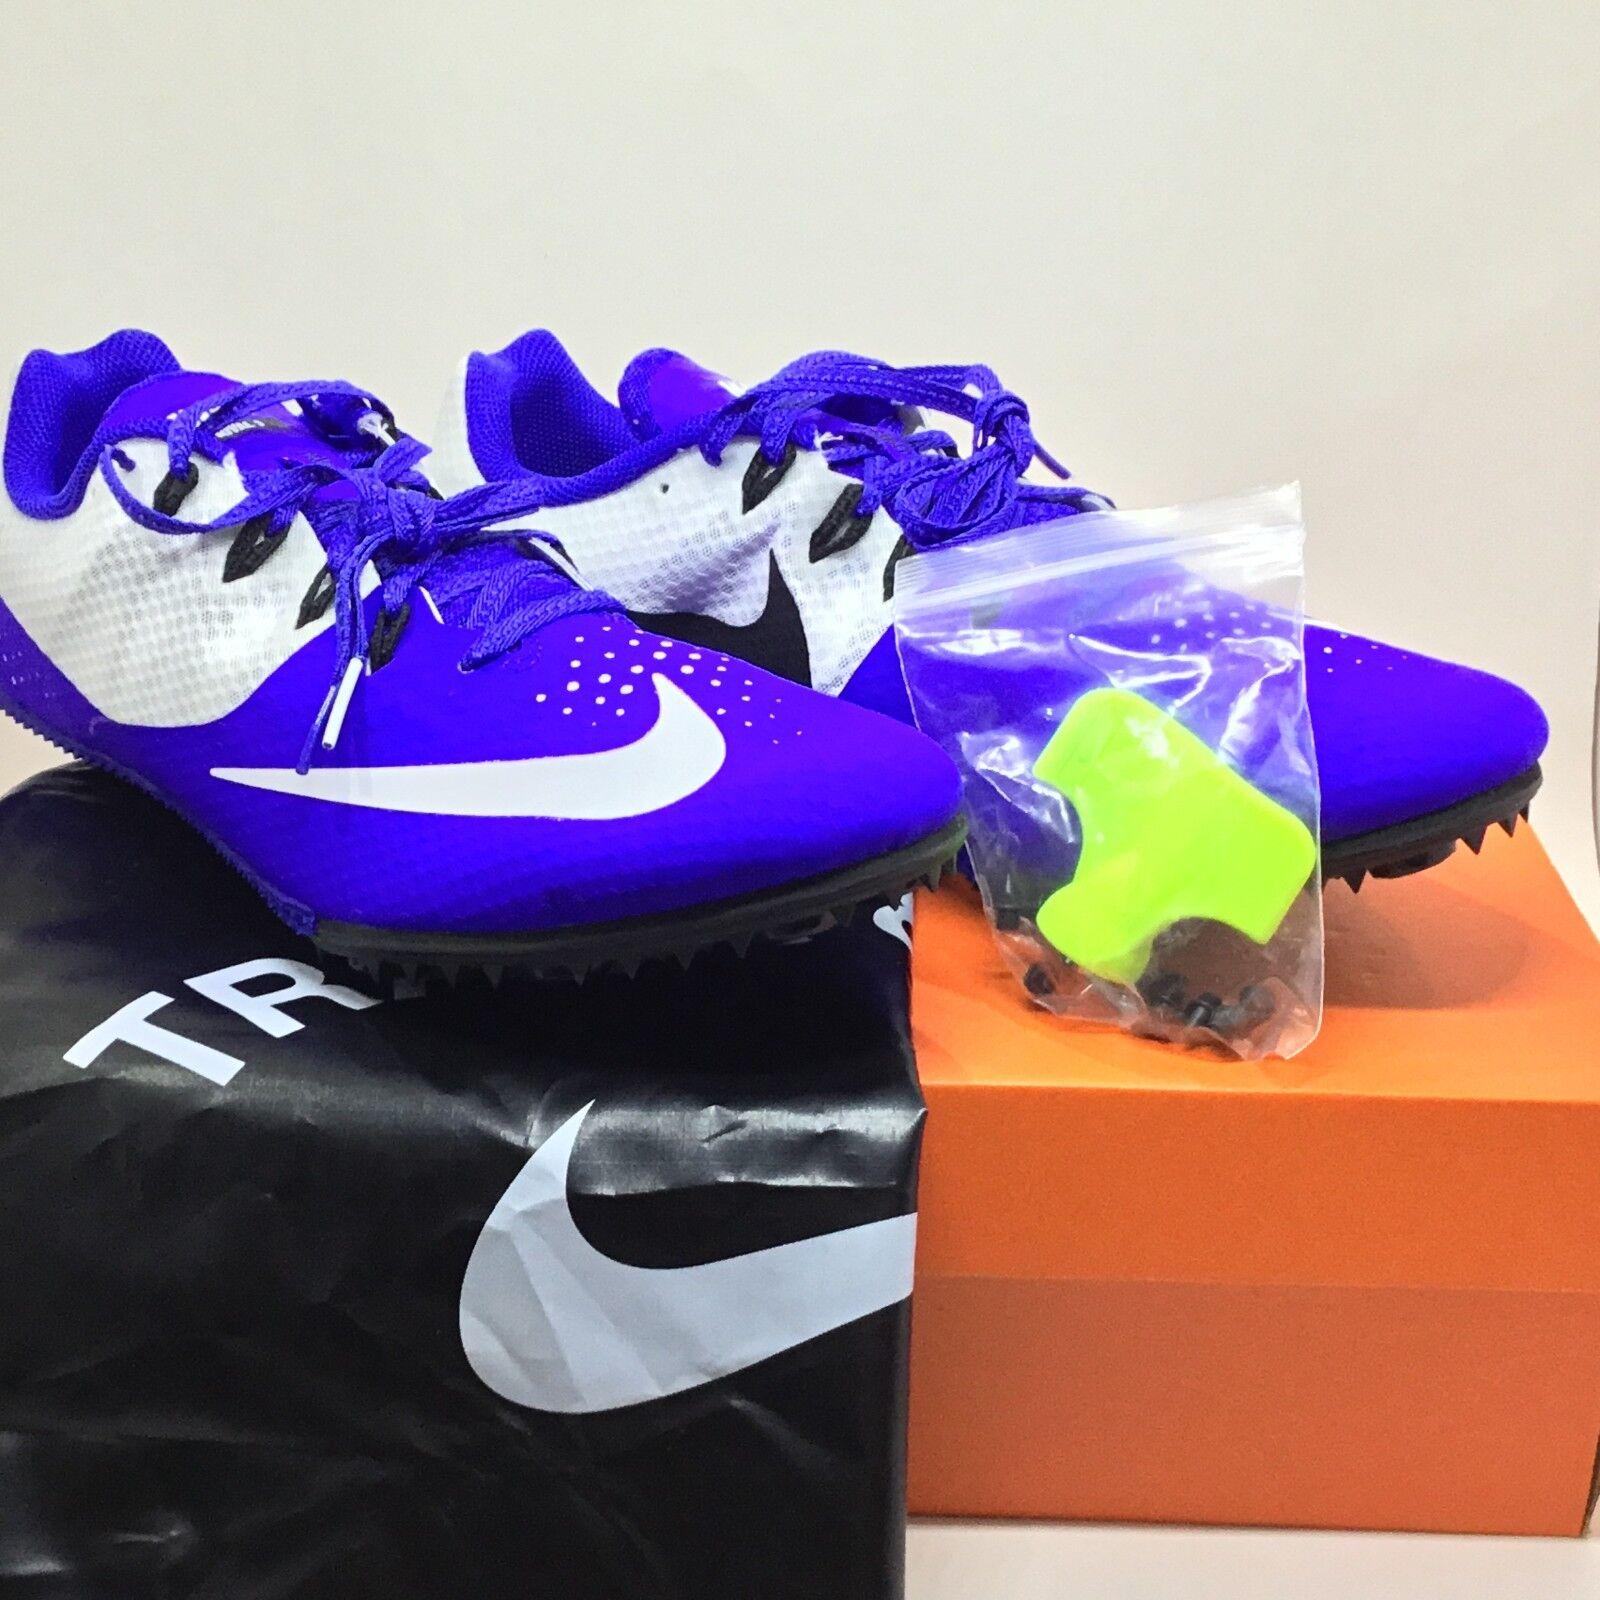 Nike Zoom rival s Track and field hombre zapatos 12 806554-400 Brand Nuevo Talla 12 zapatos 13 f071e5